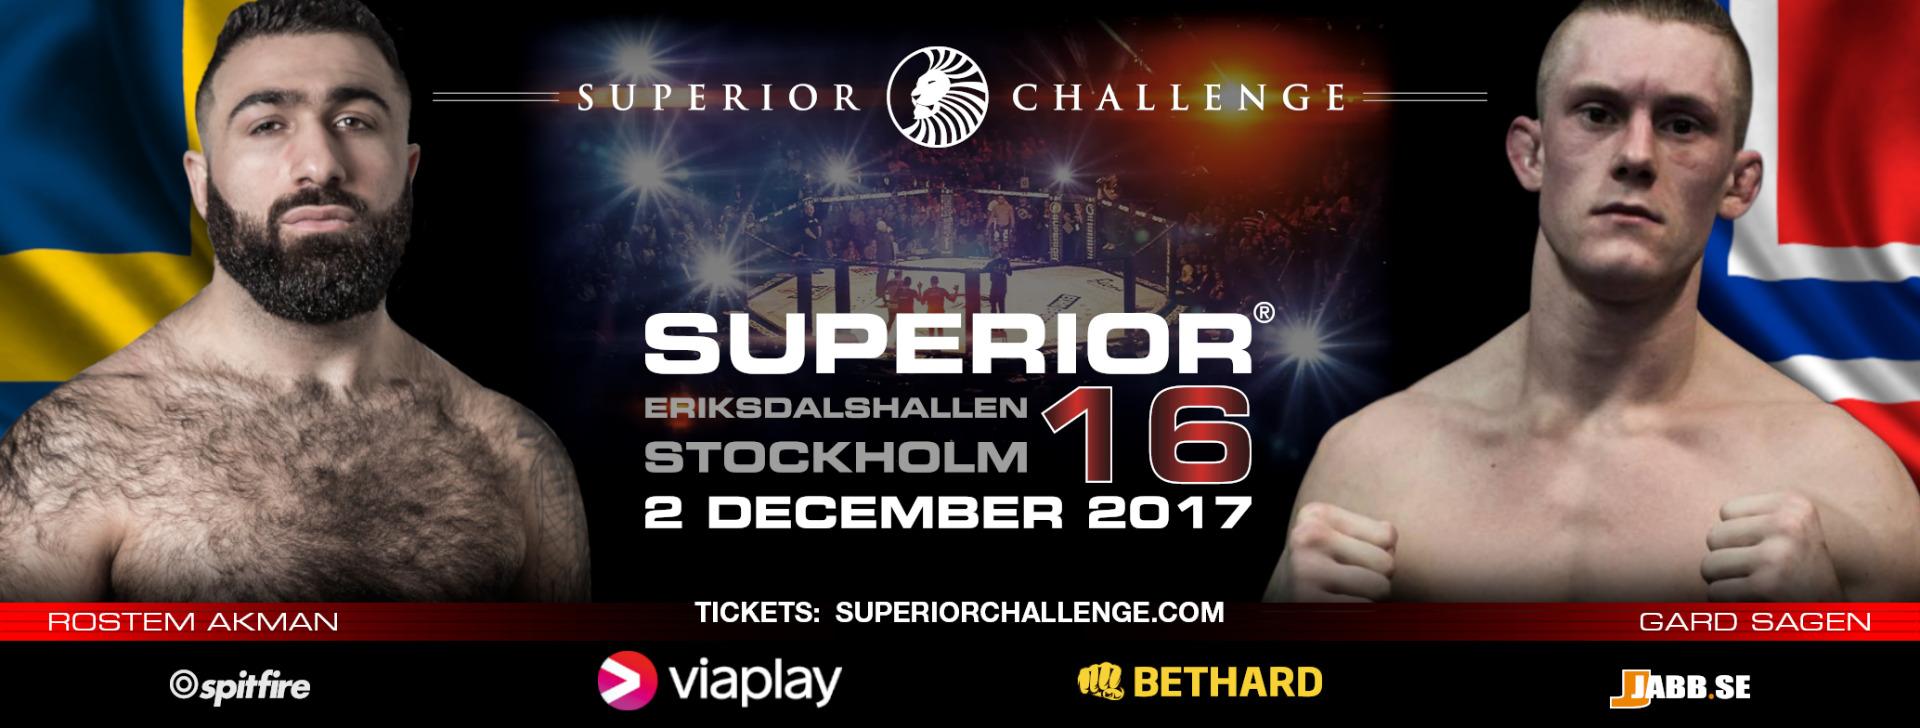 Superior Challenge 16 Rostem Akman vs Gard Sagen